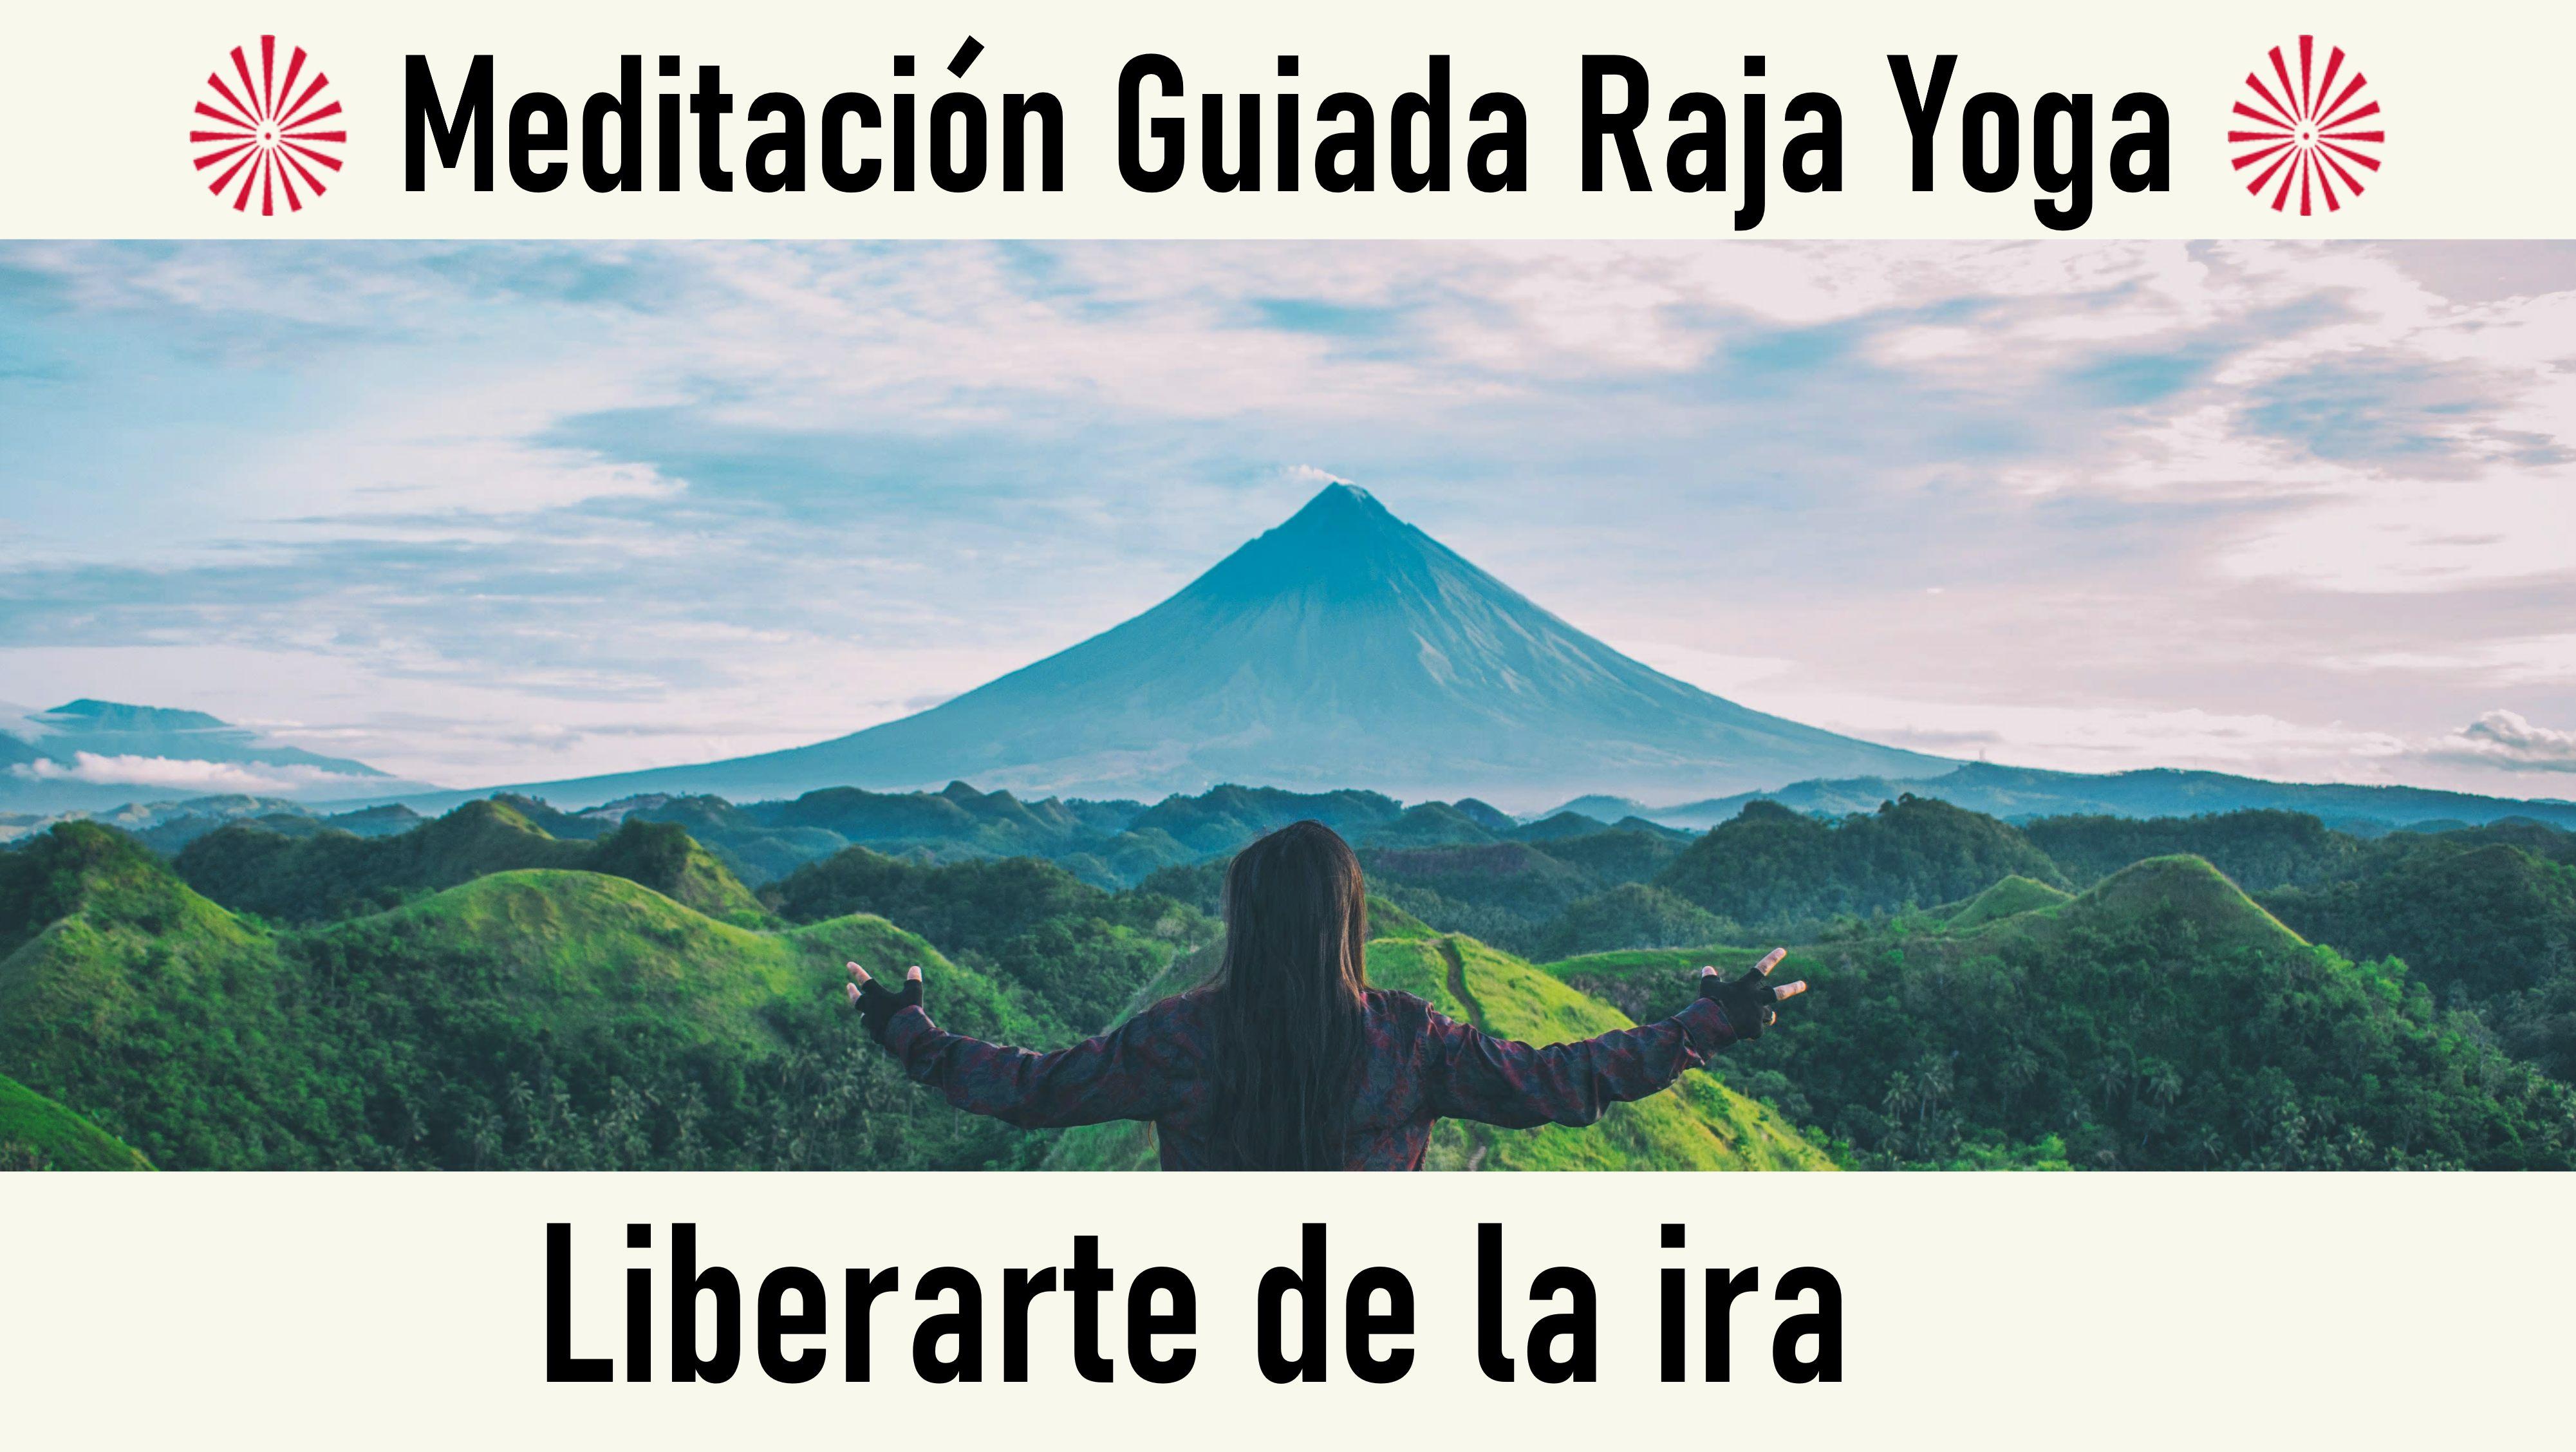 26 Septiembre 2020 Meditación guiada: Liberarte de la ira